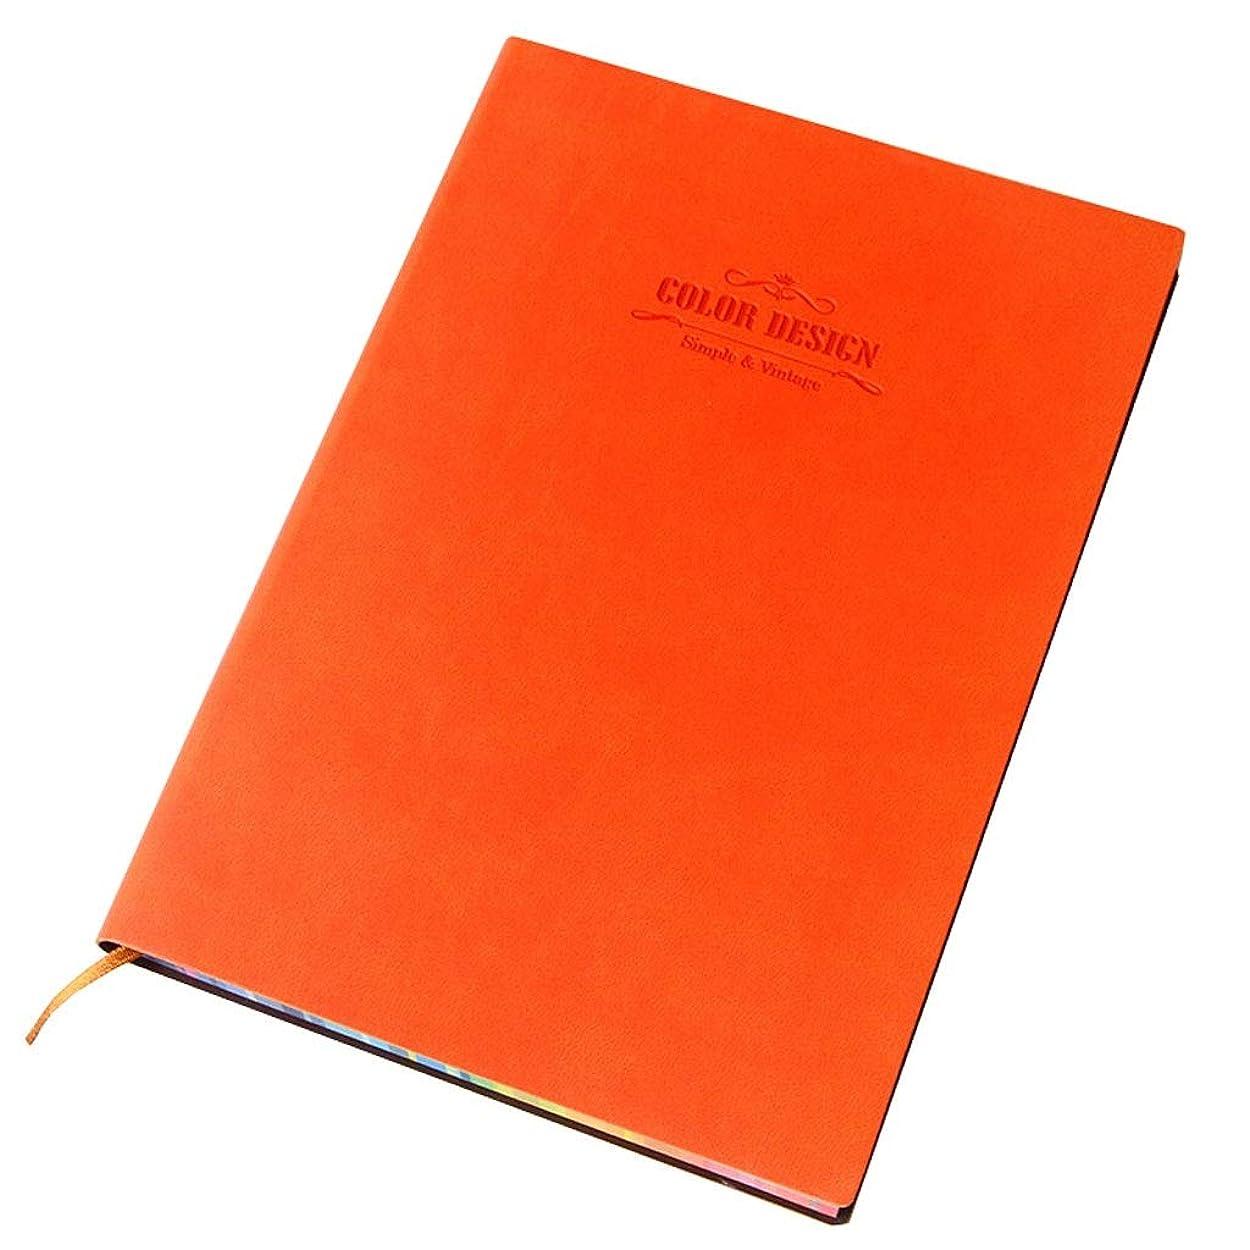 オフィスノート ノートブックソフトレザーメモ帳肥厚作業会議男性と女性のオフィスの記録帳112ページ (Color : Orange, サイズ : 14.8*21cm)